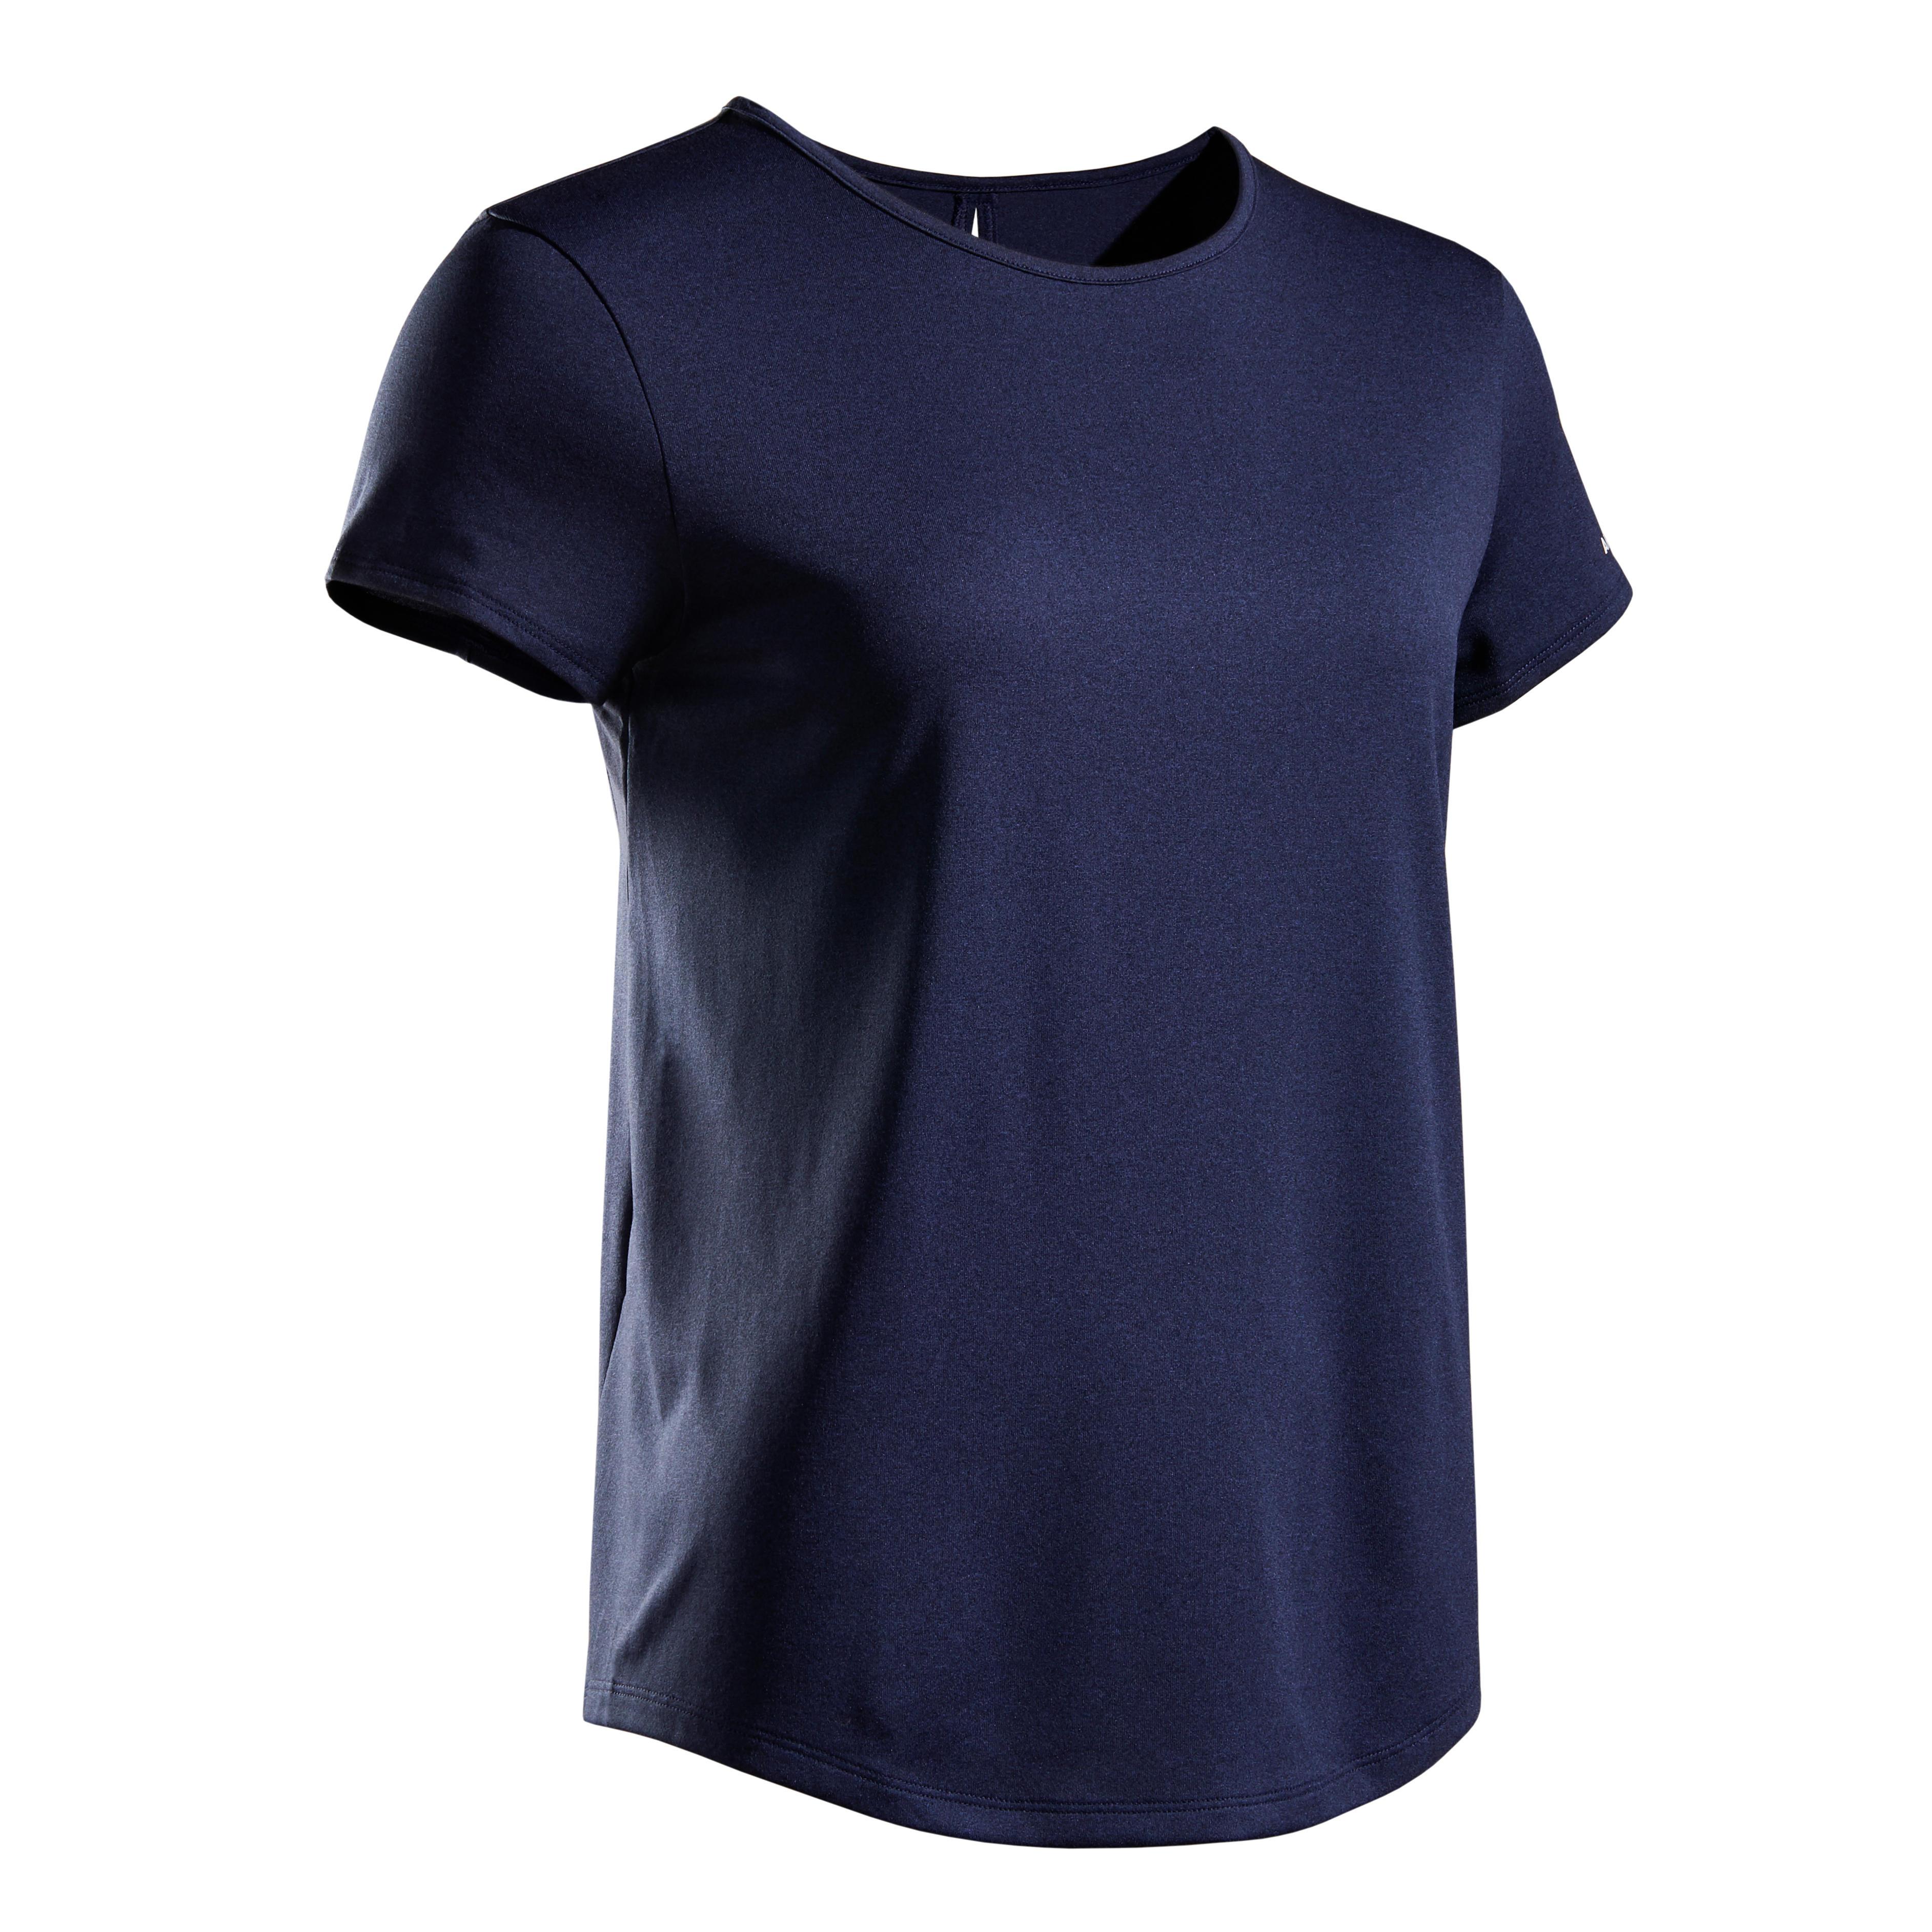 Tennisshirt DRY 100 Damen | Sportbekleidung > Sportshirts | Artengo